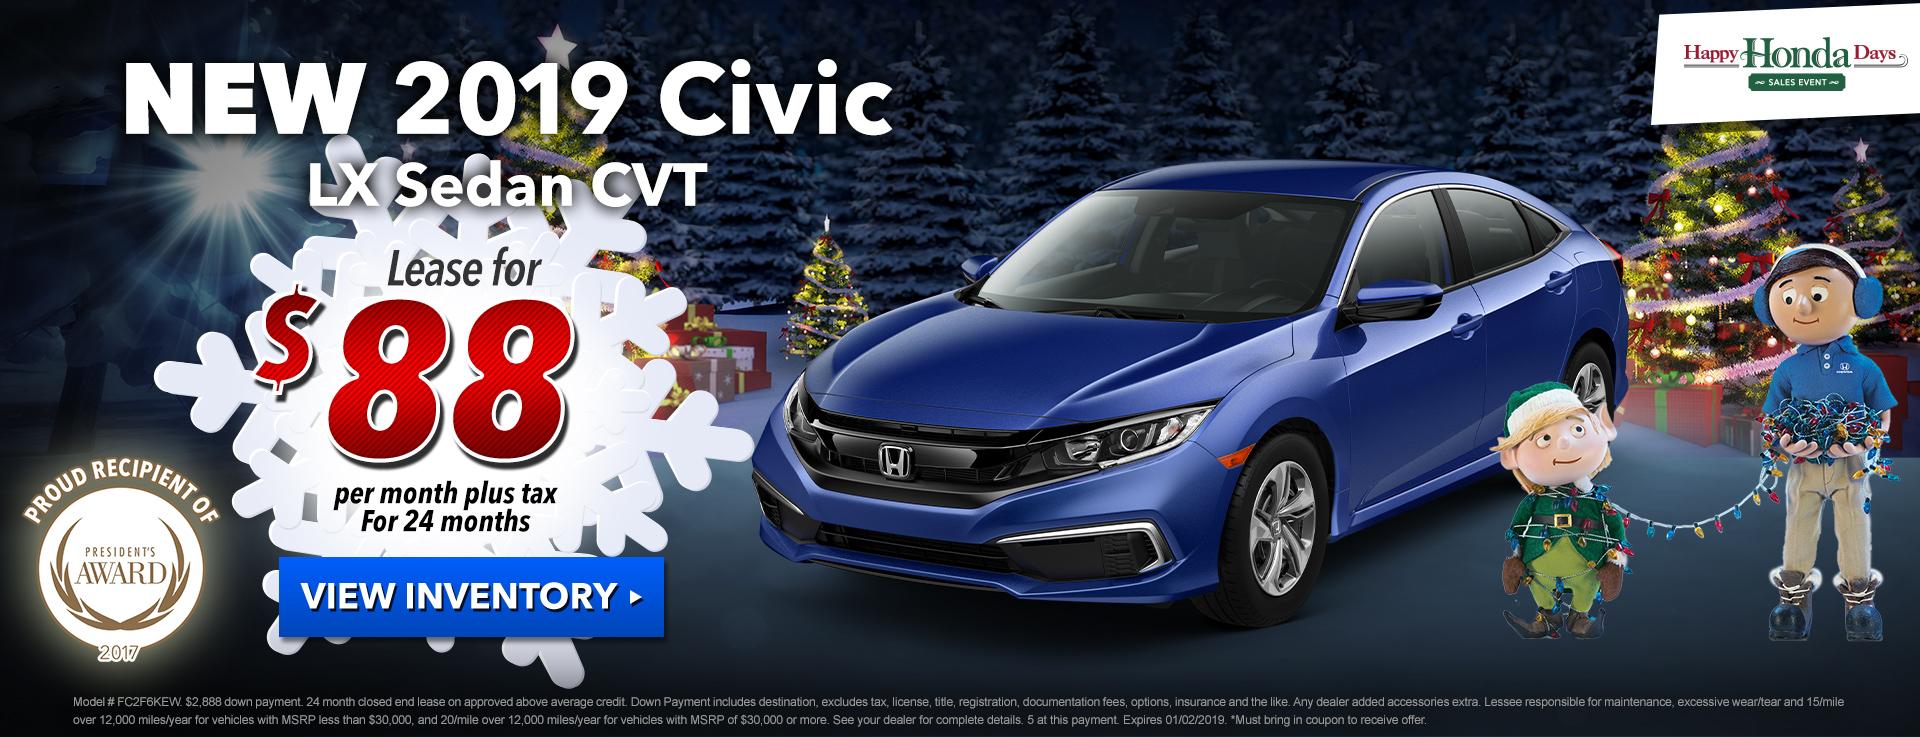 Honda Civic Sedan $88 Lease